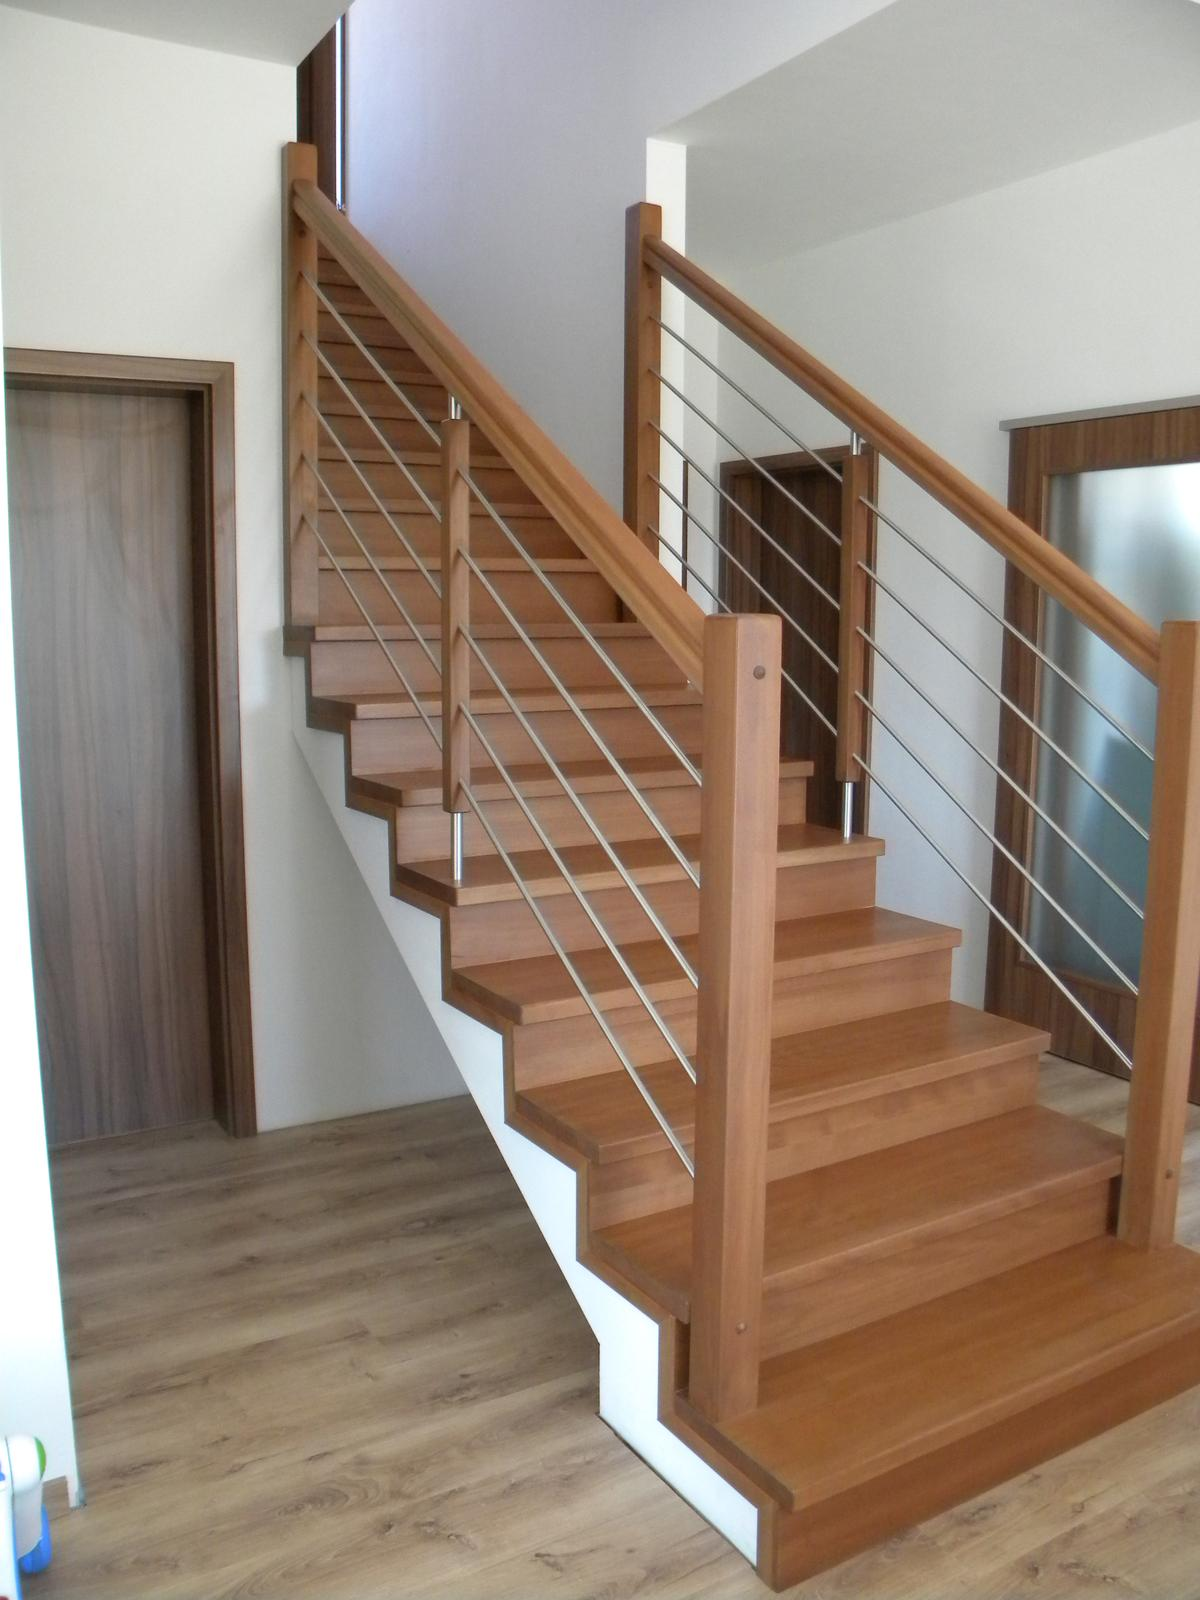 drevene schody a zabradlia - Obrázok č. 4